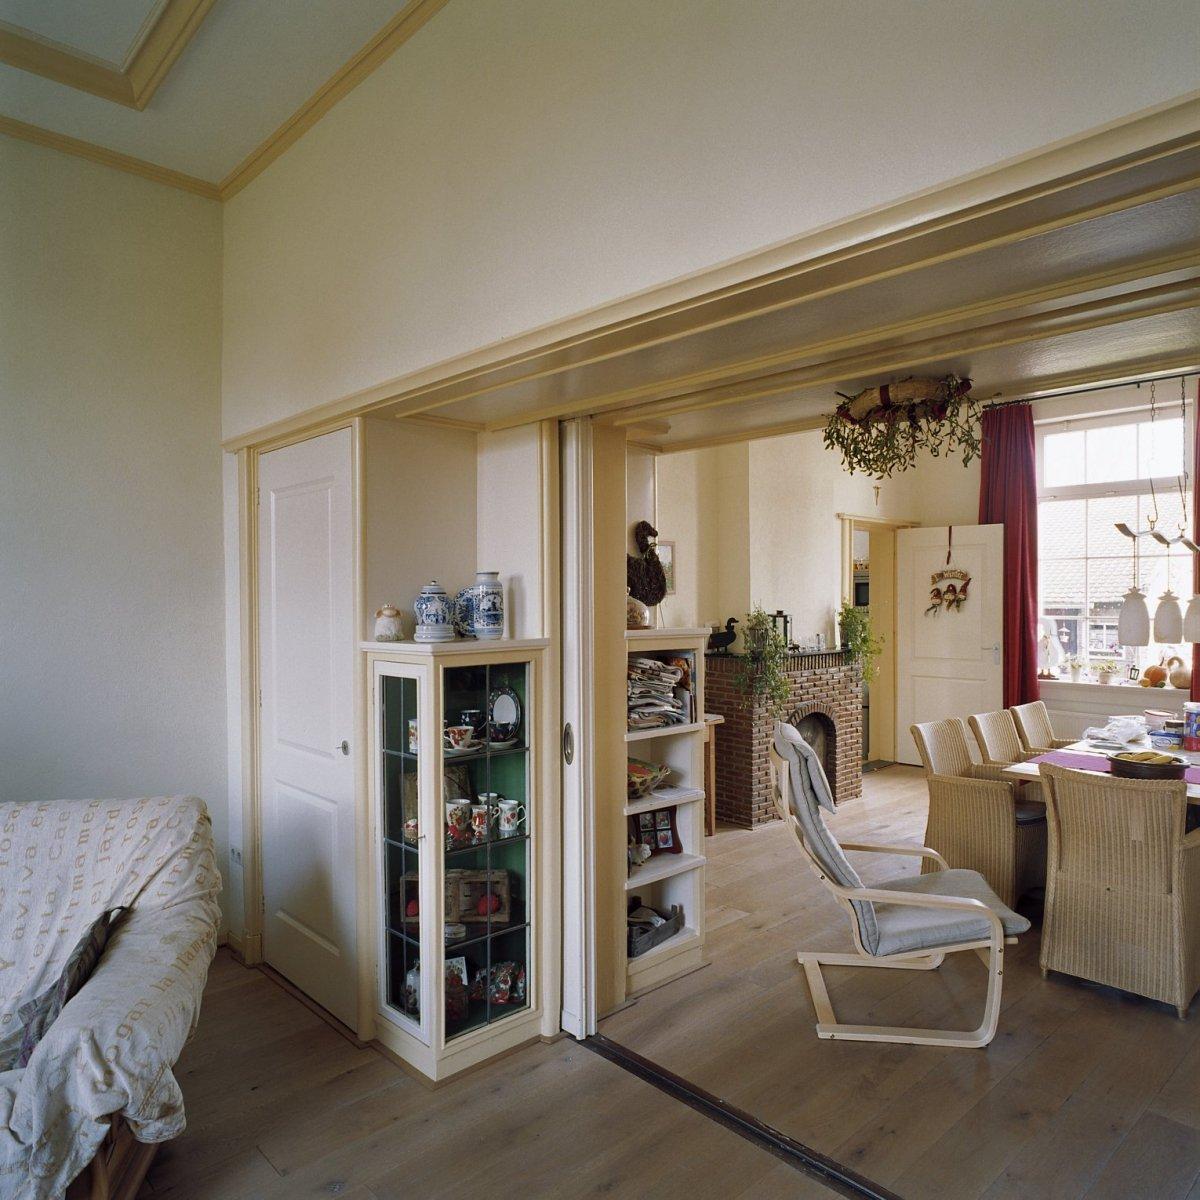 File interieur woongedeelte boerderij kamer en suite for Boerderij interieur